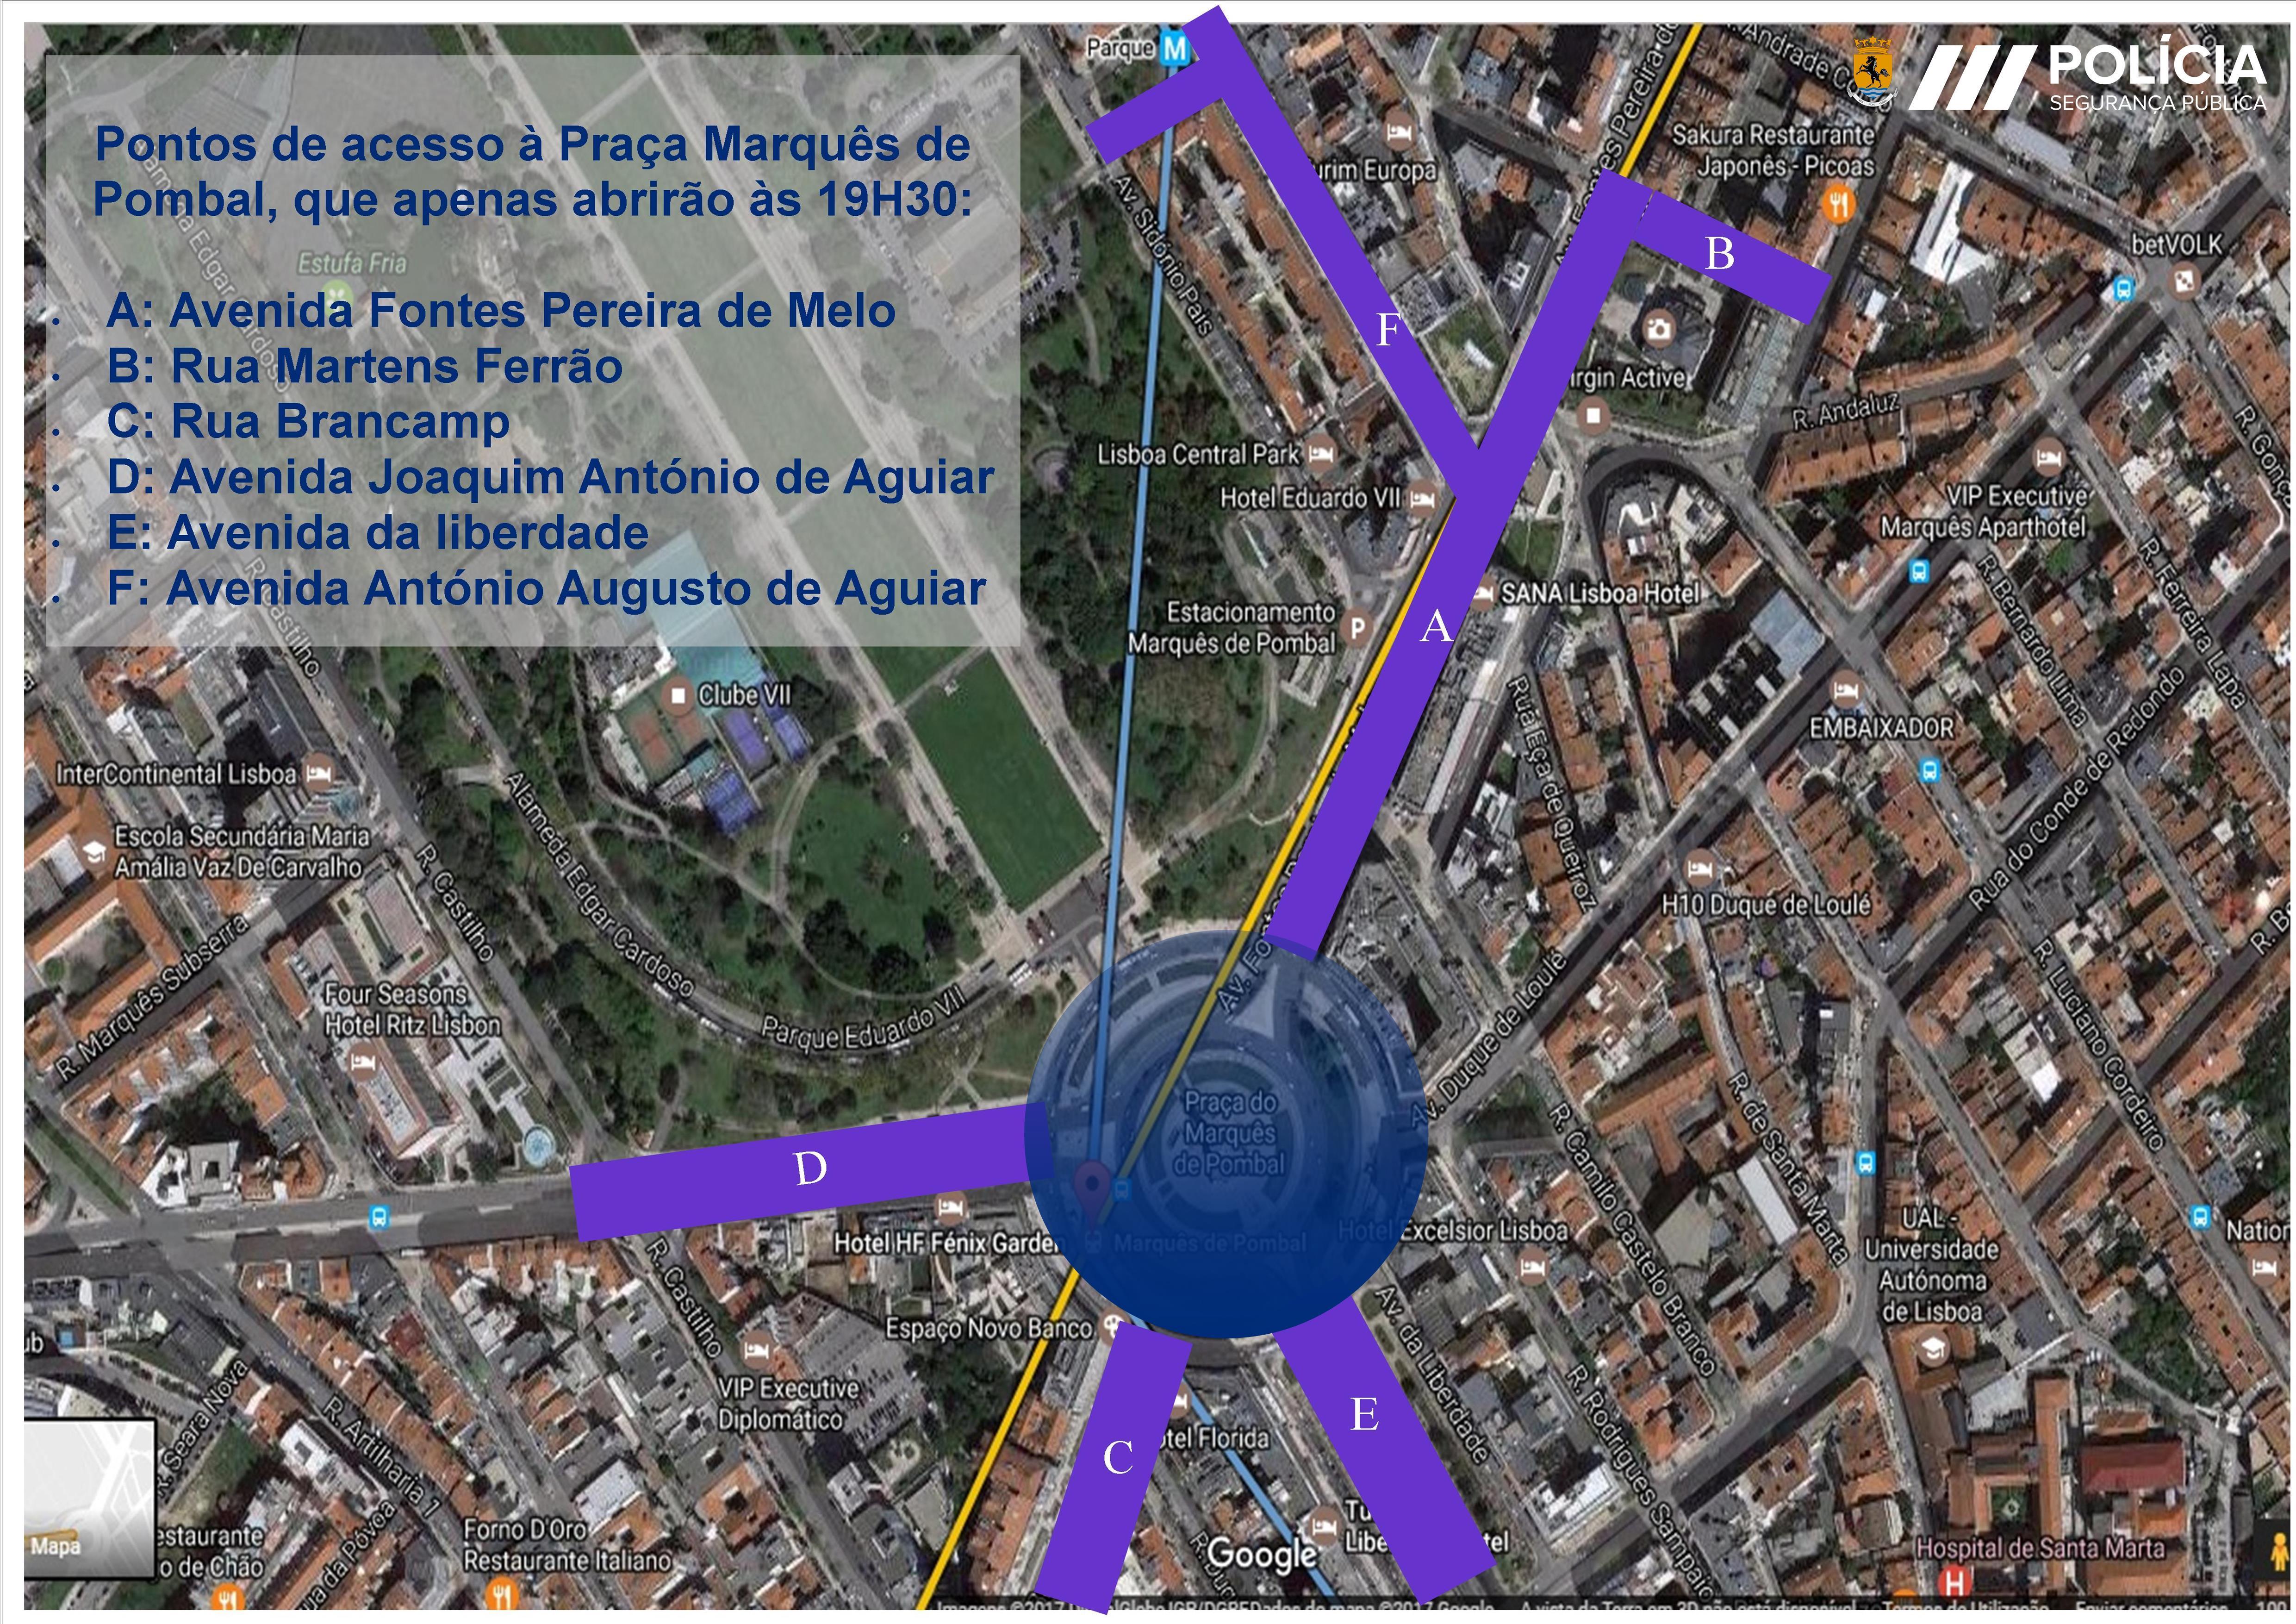 Condicionamentos de trânsito em Lisboa